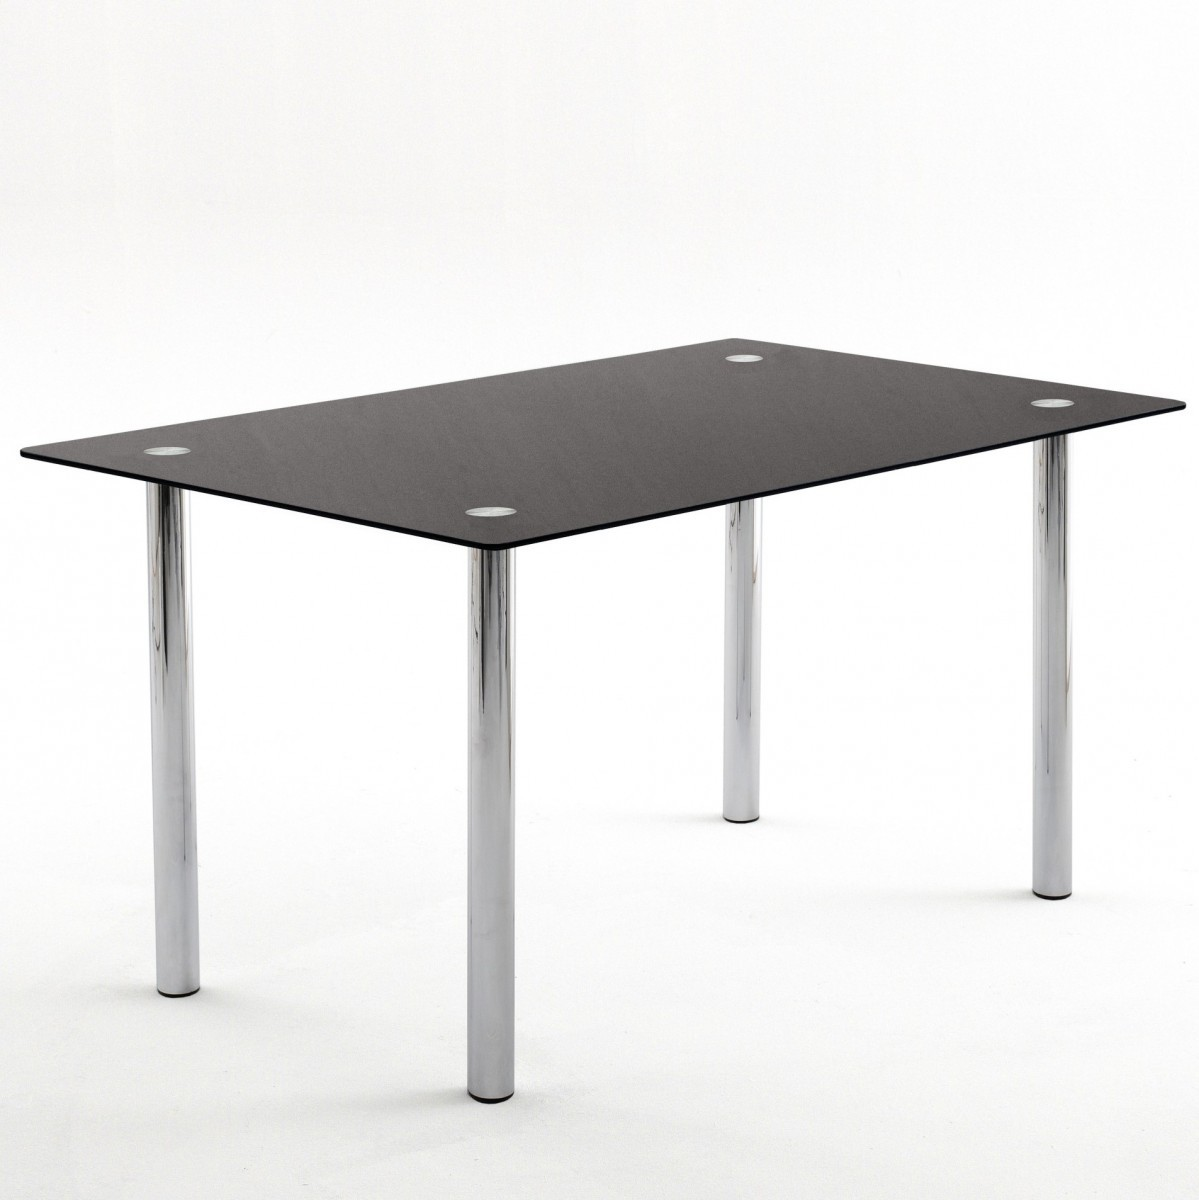 design couchtisch satiniertes glas 2017 08 31 21 37 44. Black Bedroom Furniture Sets. Home Design Ideas